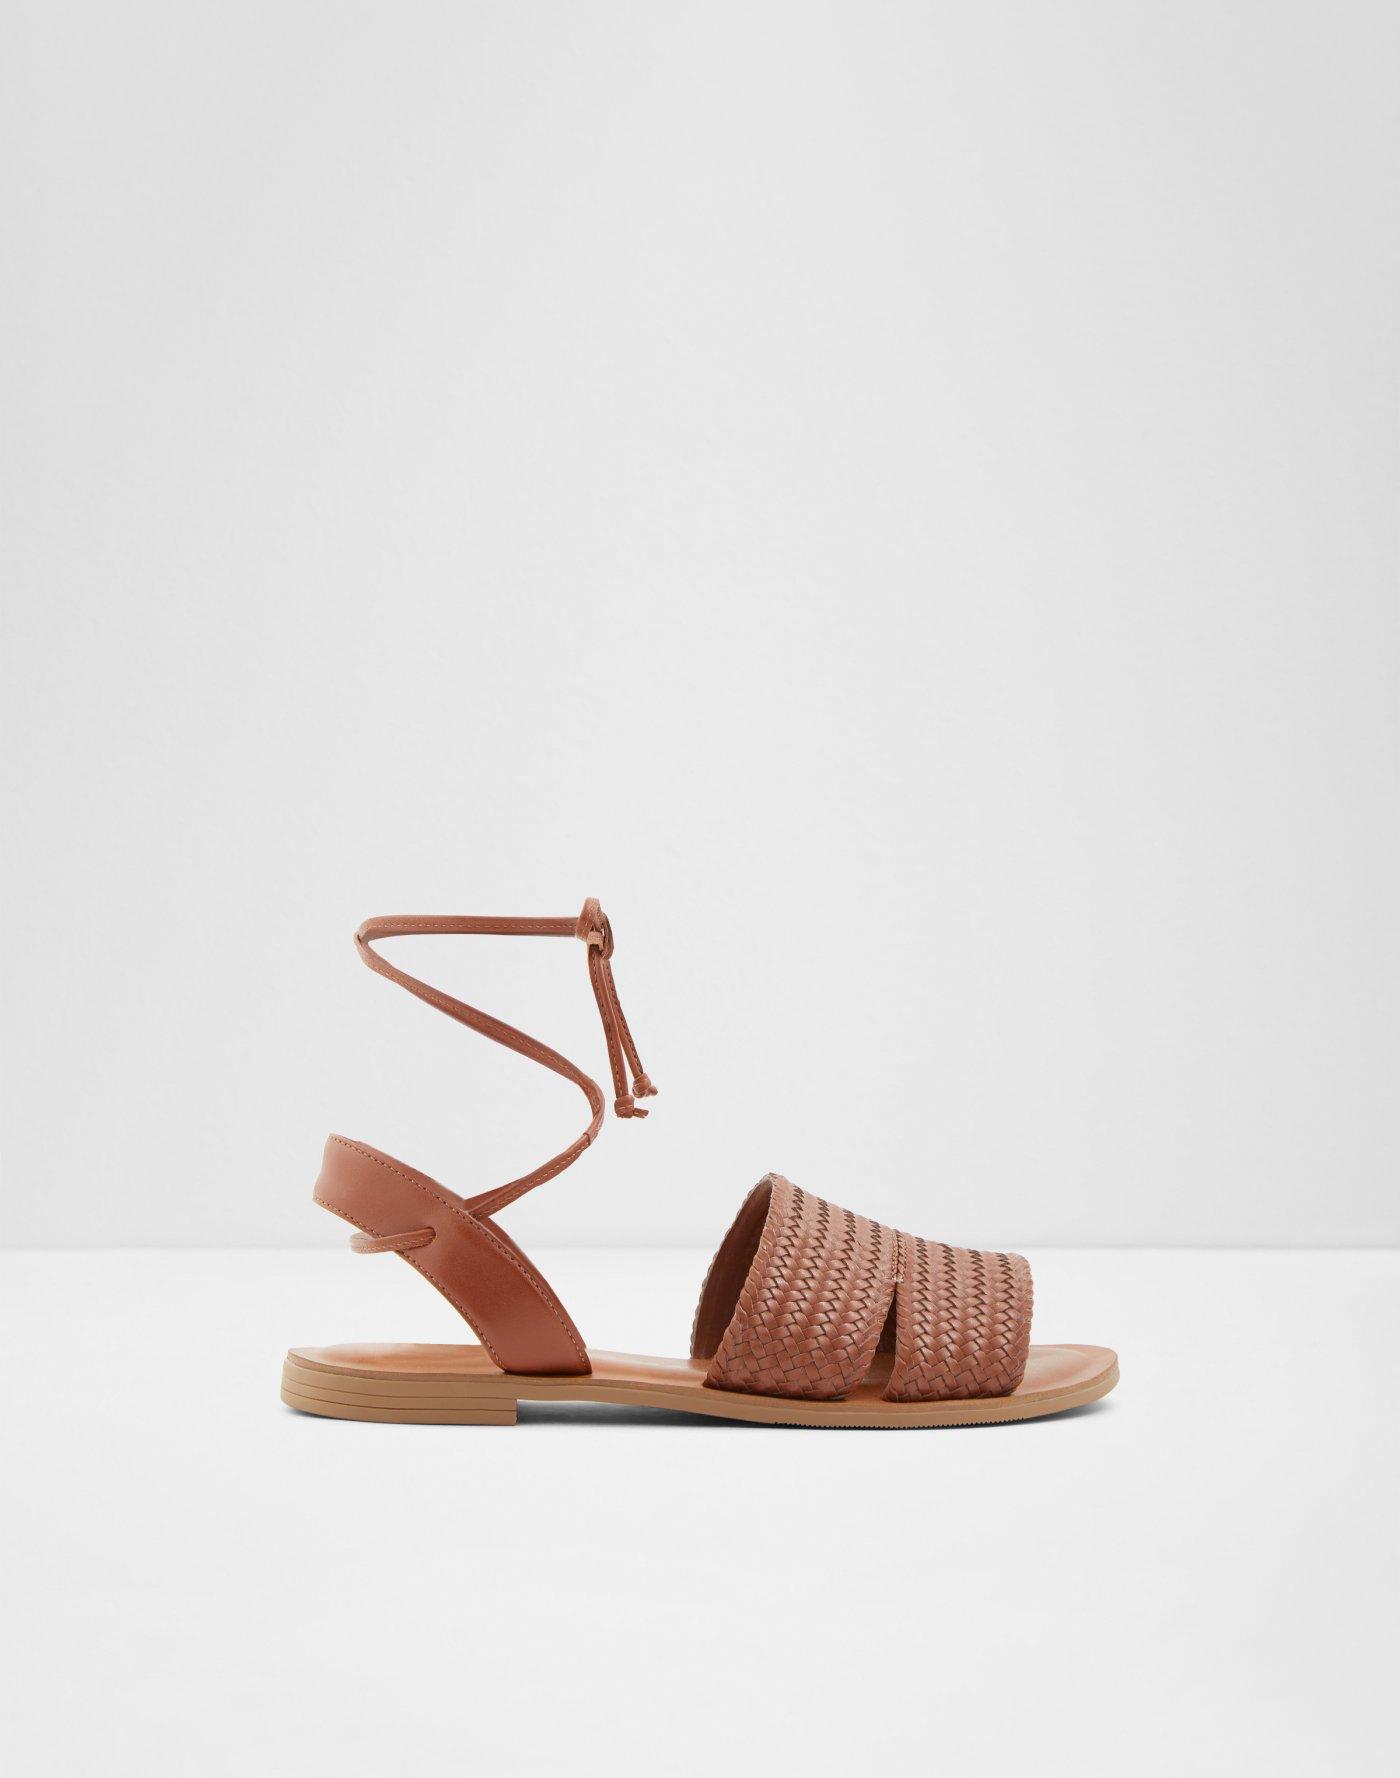 0e1a4d498e0a Sandals